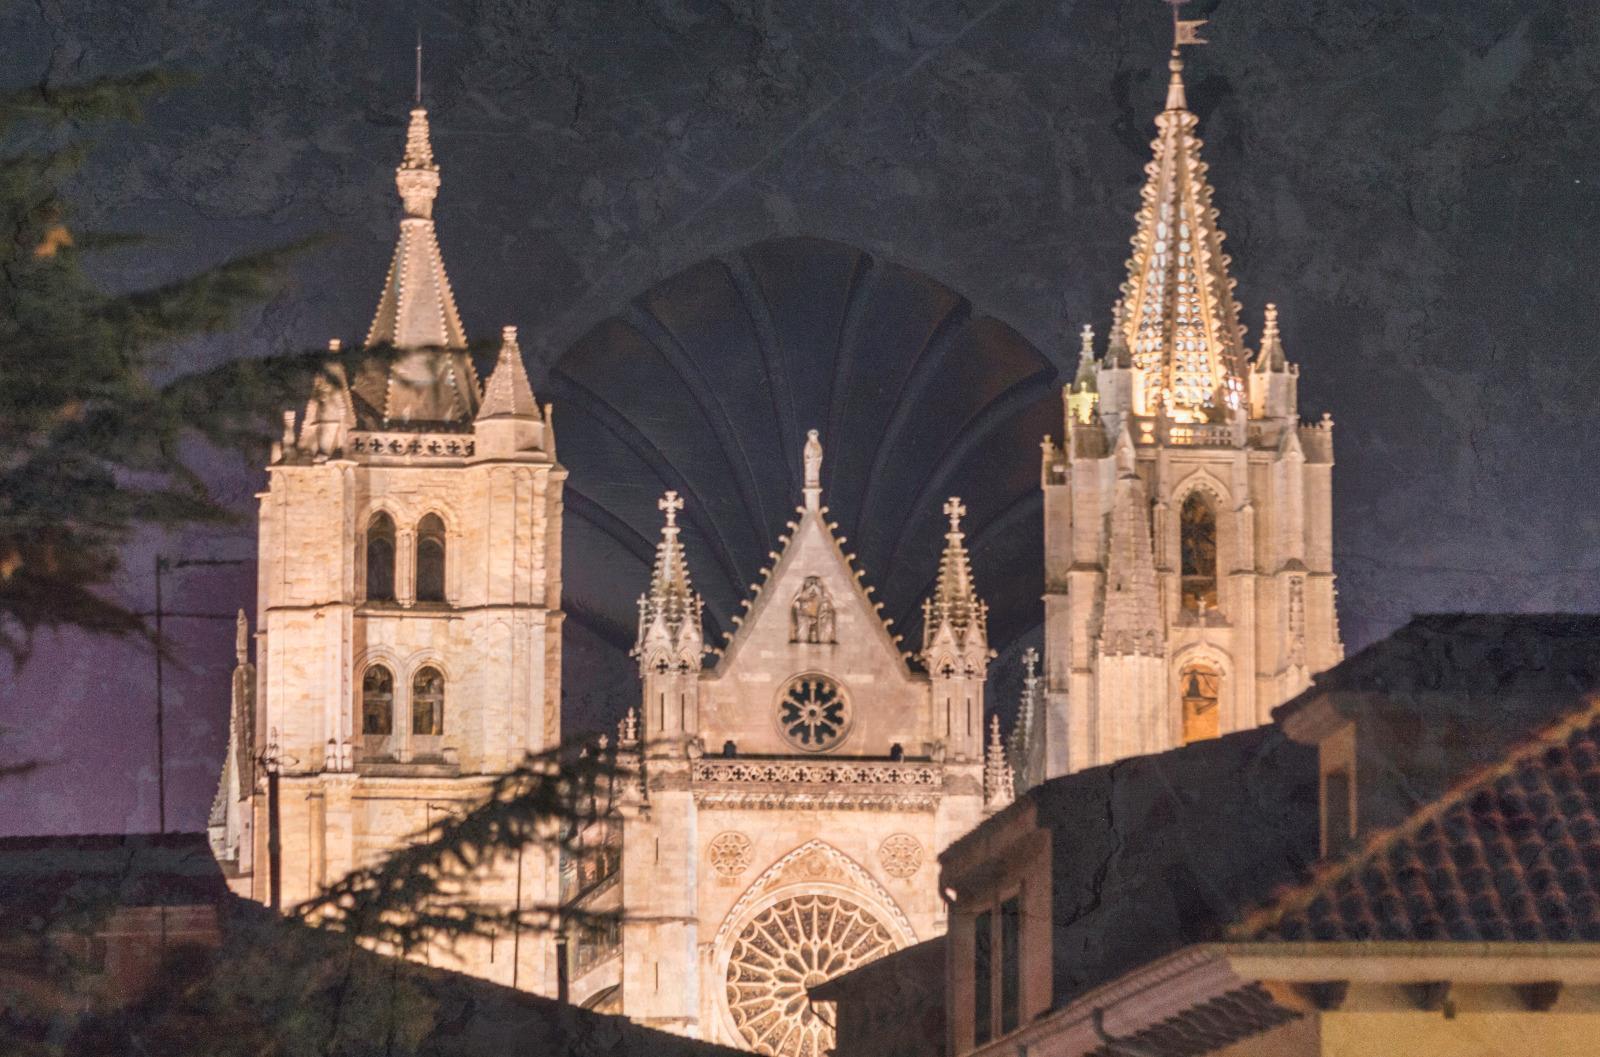 Free-Tour-Leon-Magico-por-la-noche-8